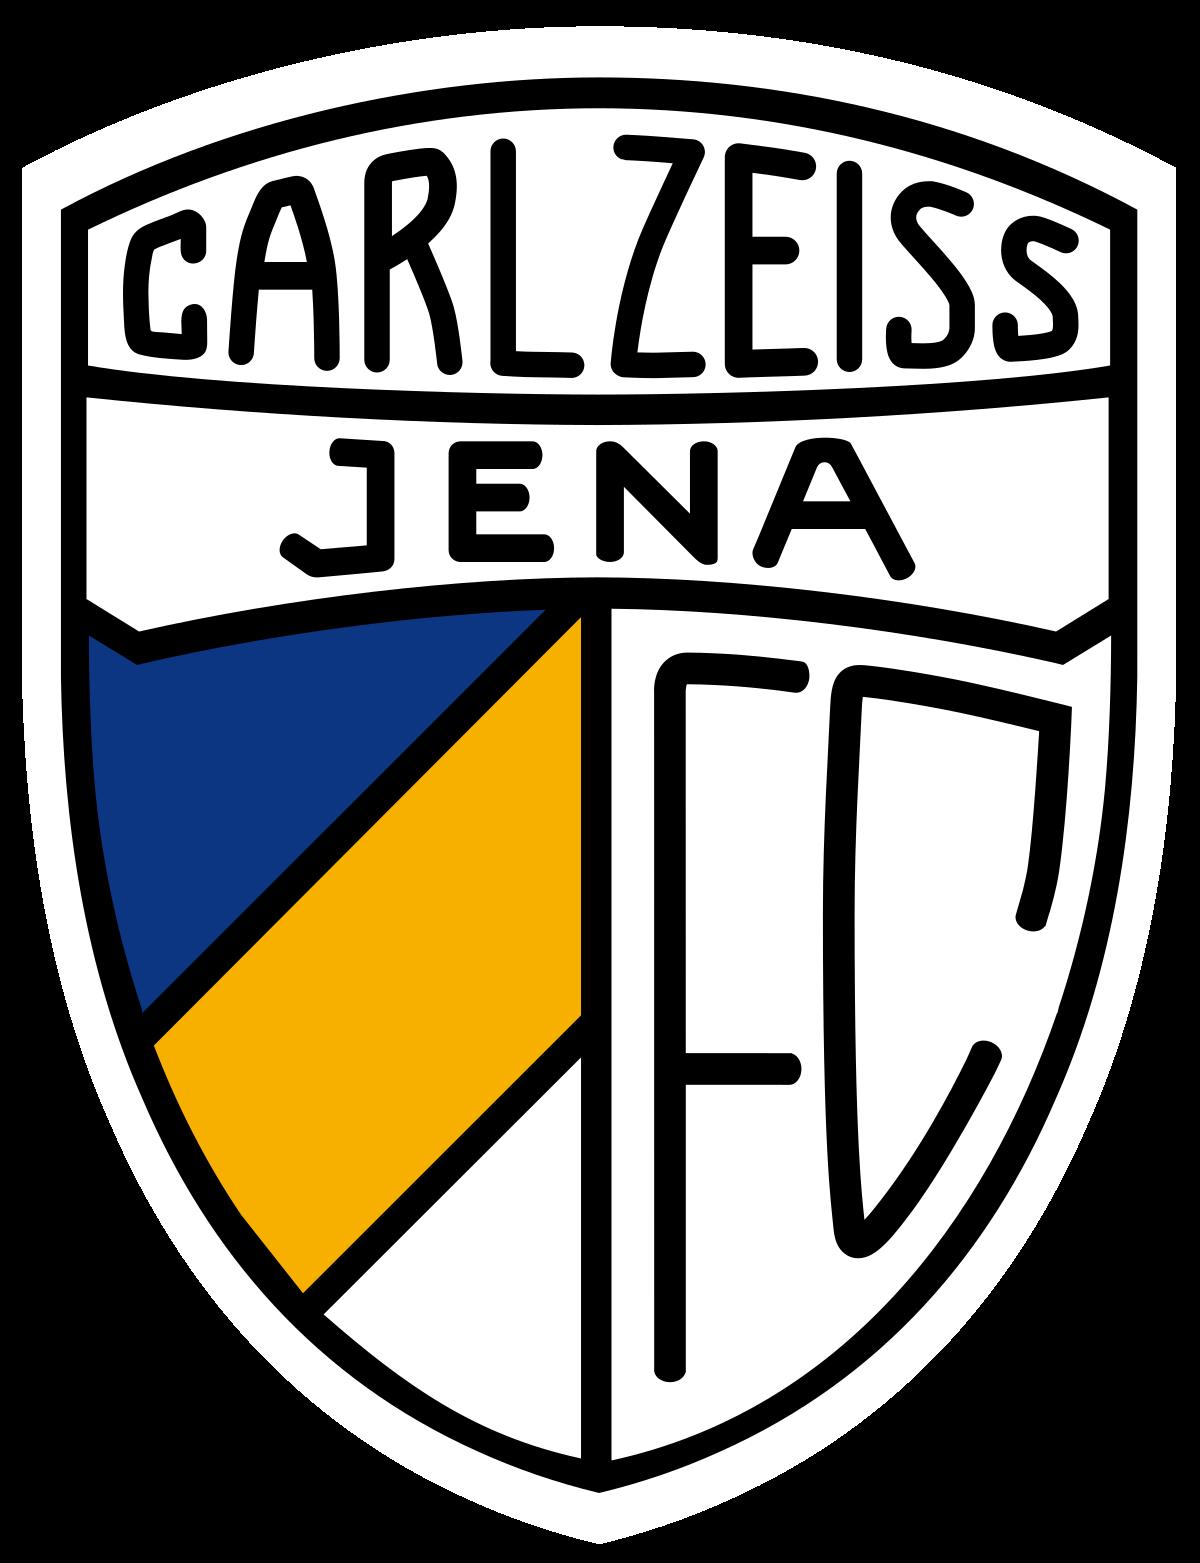 Carl Zeiss Jena-2 logo